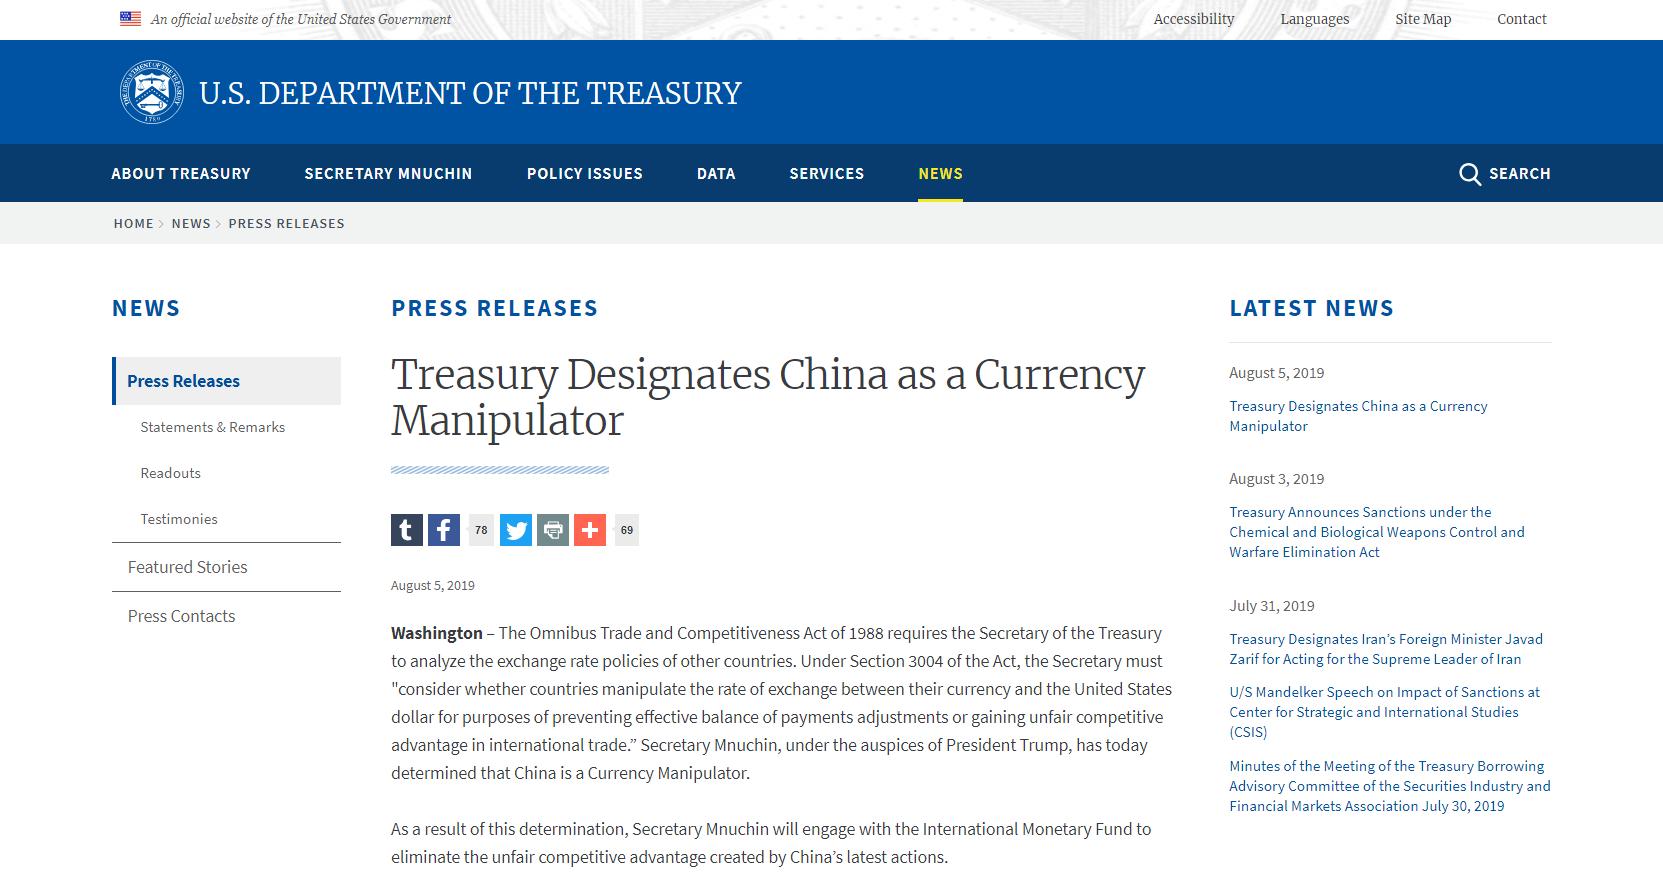 美财政部列中国为汇率操纵国  川普曾抨击人民币贬值_图1-4